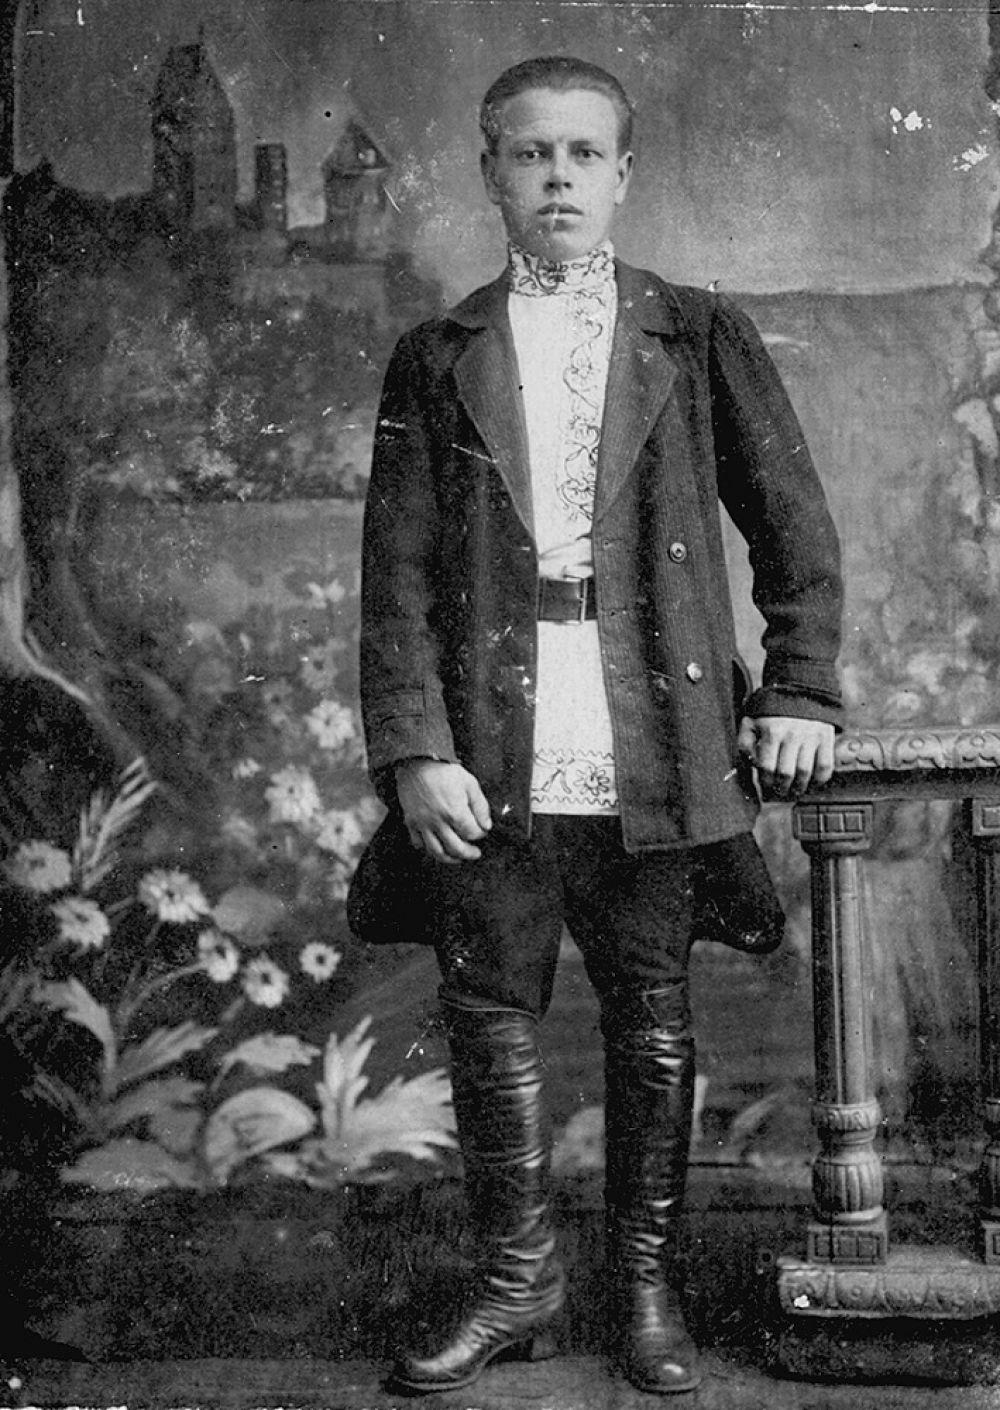 Штаны (плисовые, хлопчатобумажные, шерстяные). Галифе - признак статуса: у обладателя много денег, раз штаны из покупной материи (её требуется на галифе много). В деревнях мужики носили фартуки. Рабочие в Челябинске тоже ходили в них.